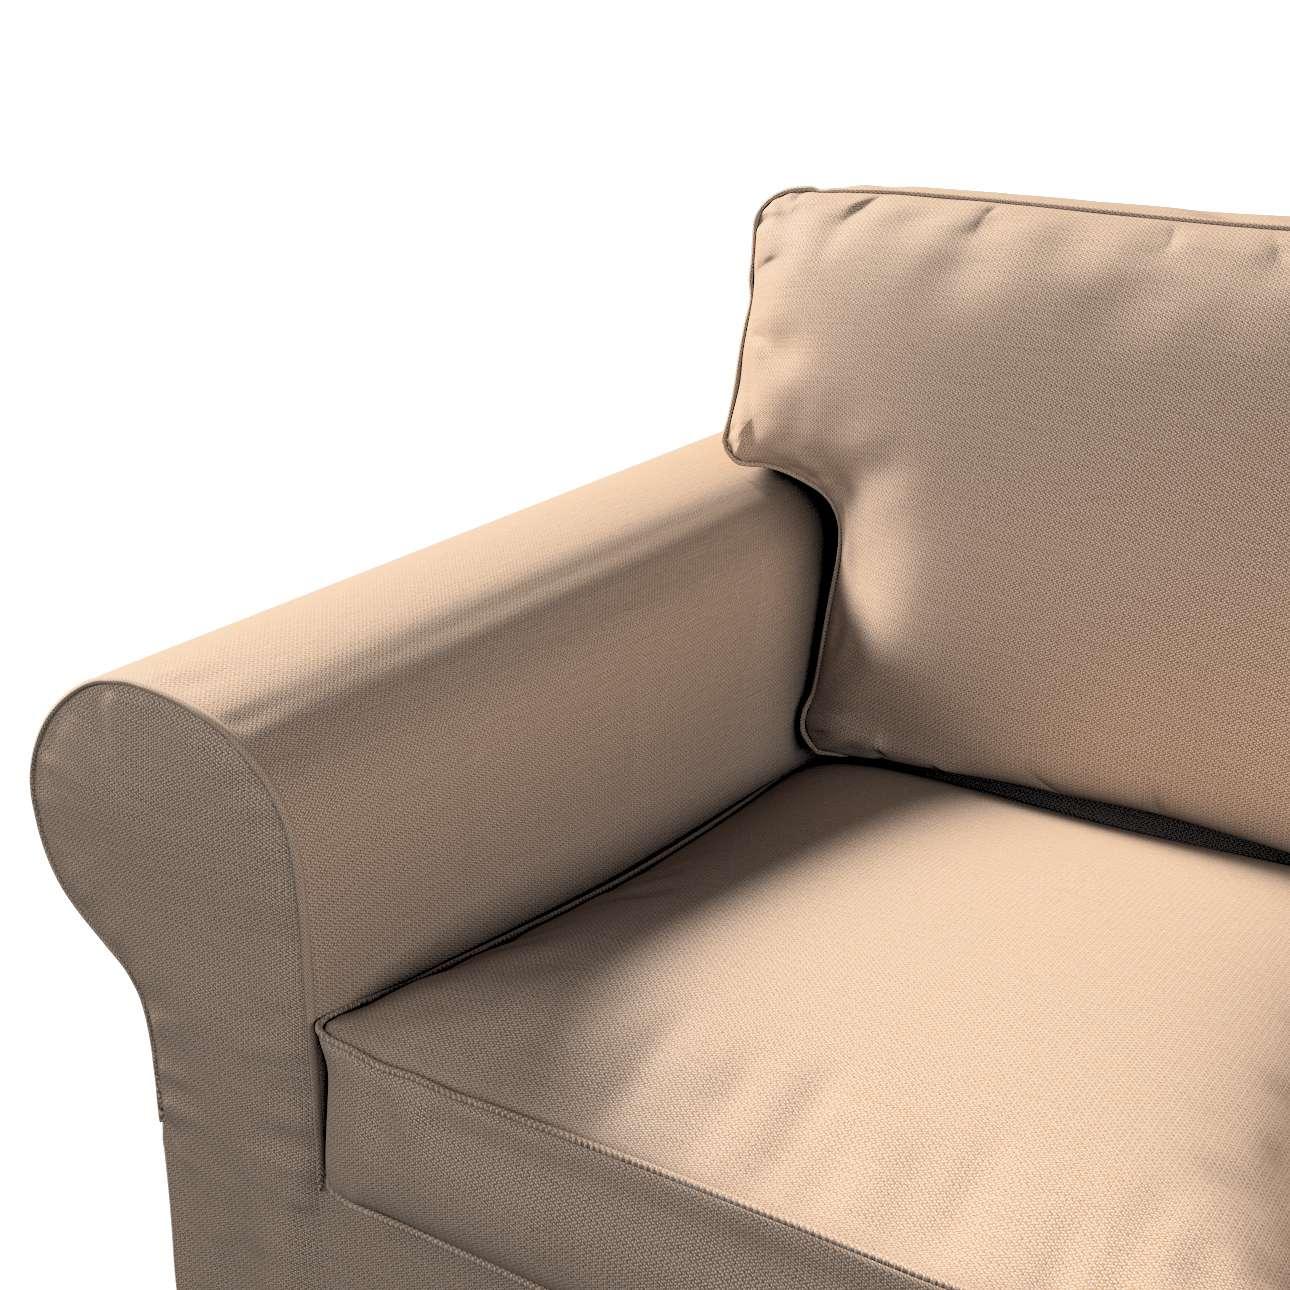 Pokrowiec na sofę Ektorp 2-osobową, rozkładaną, model do 2012 w kolekcji Bergen, tkanina: 161-75